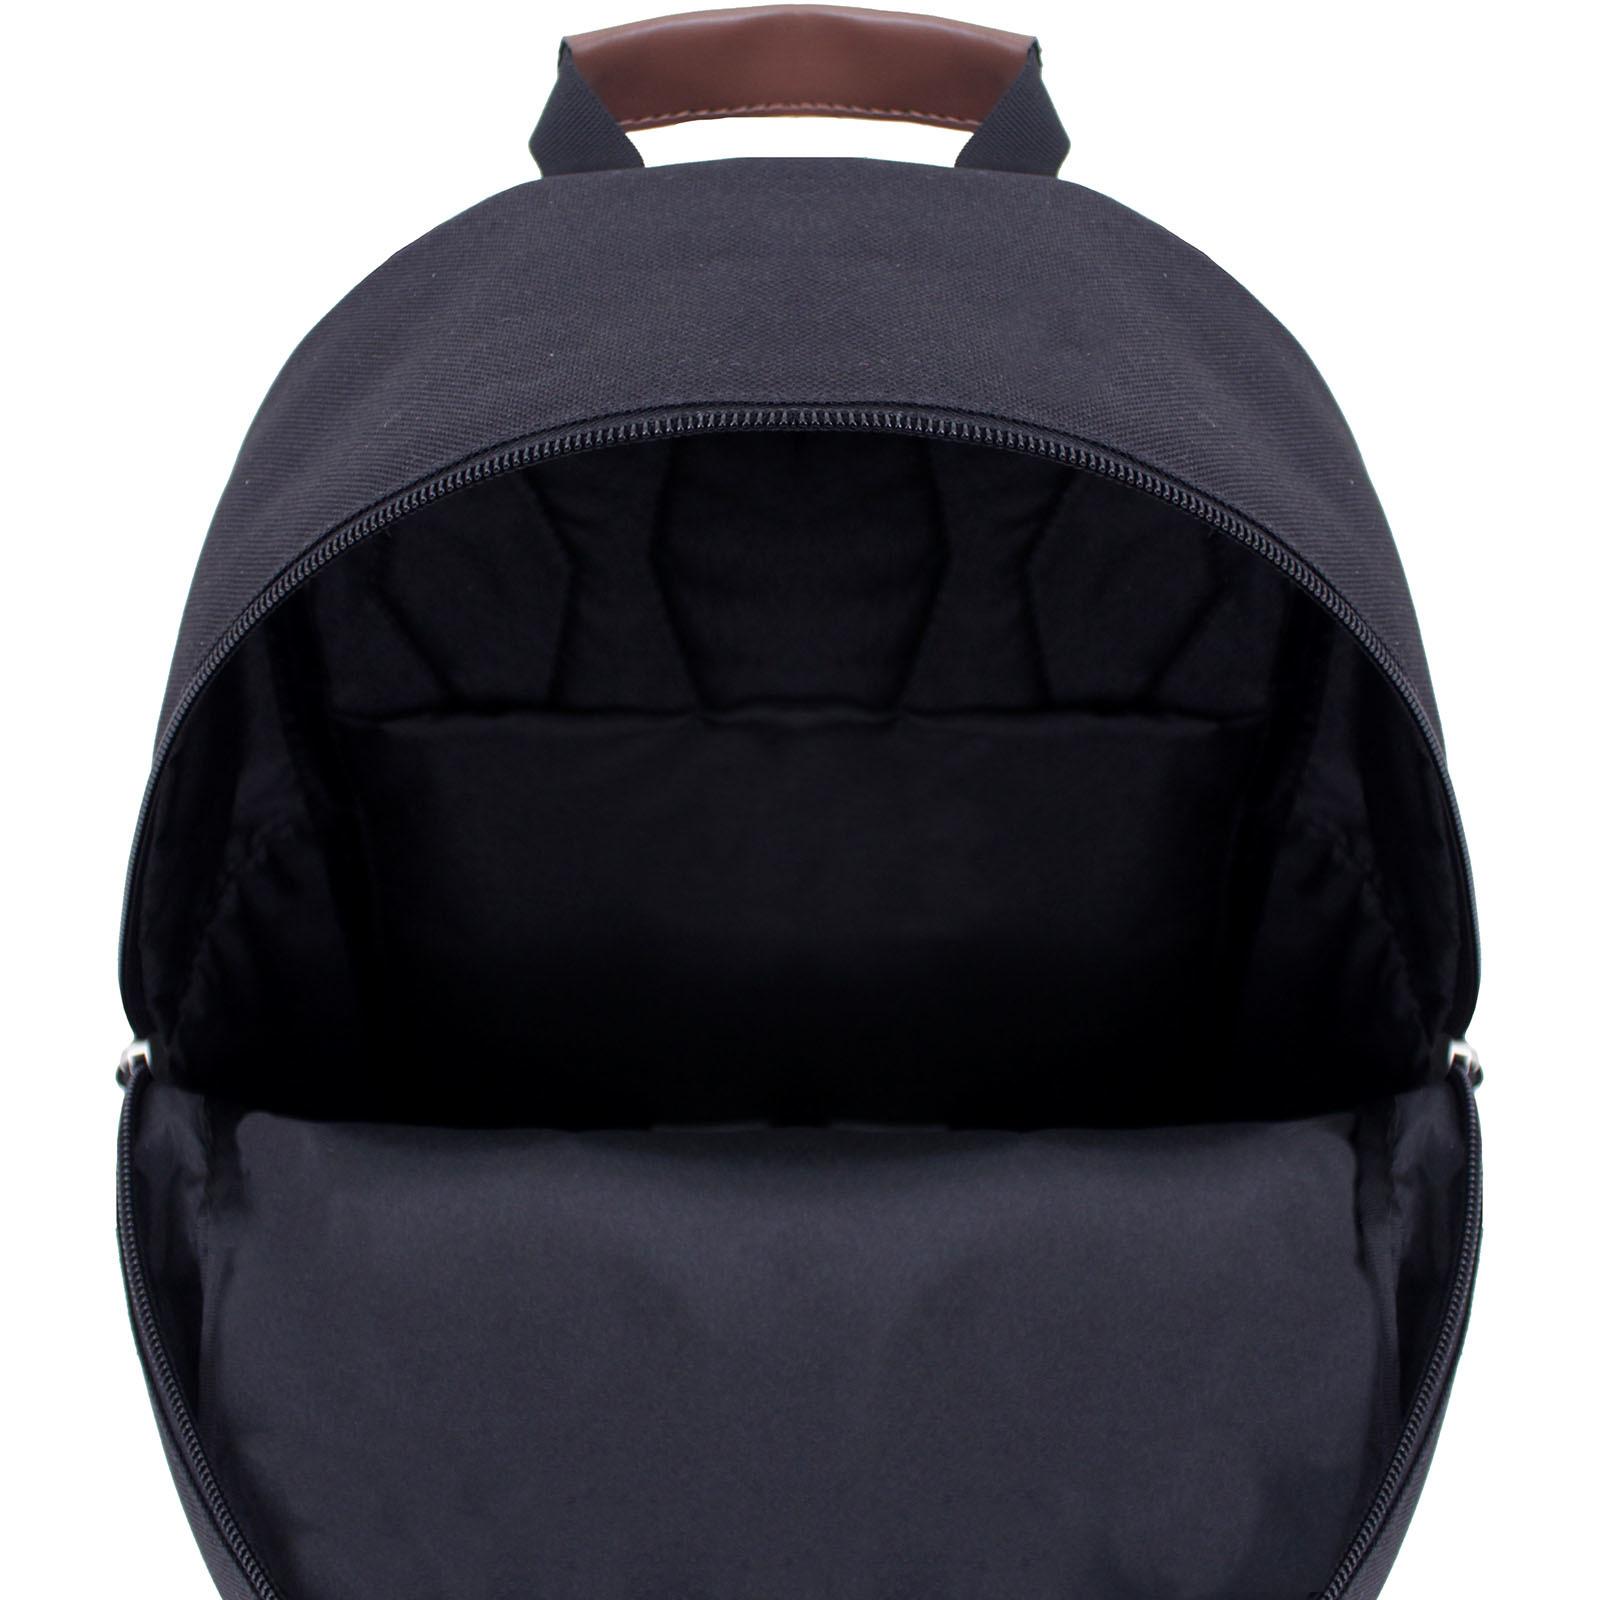 Рюкзак Bagland Frost 13 л. черный (00540663) фото 4